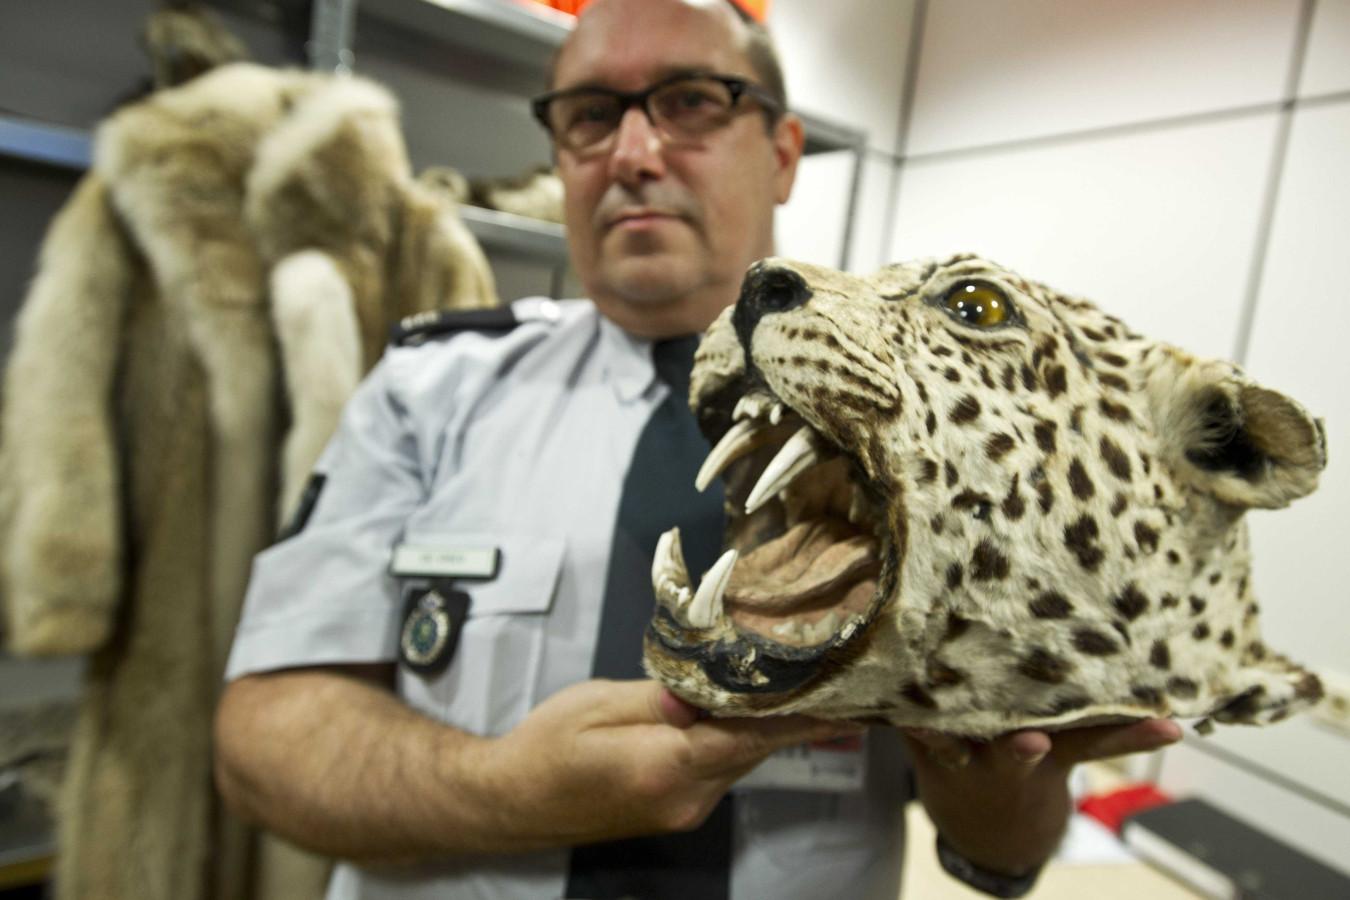 Een douanemedewerker toont een in beslag genomen opgezette kop van een luipaard.